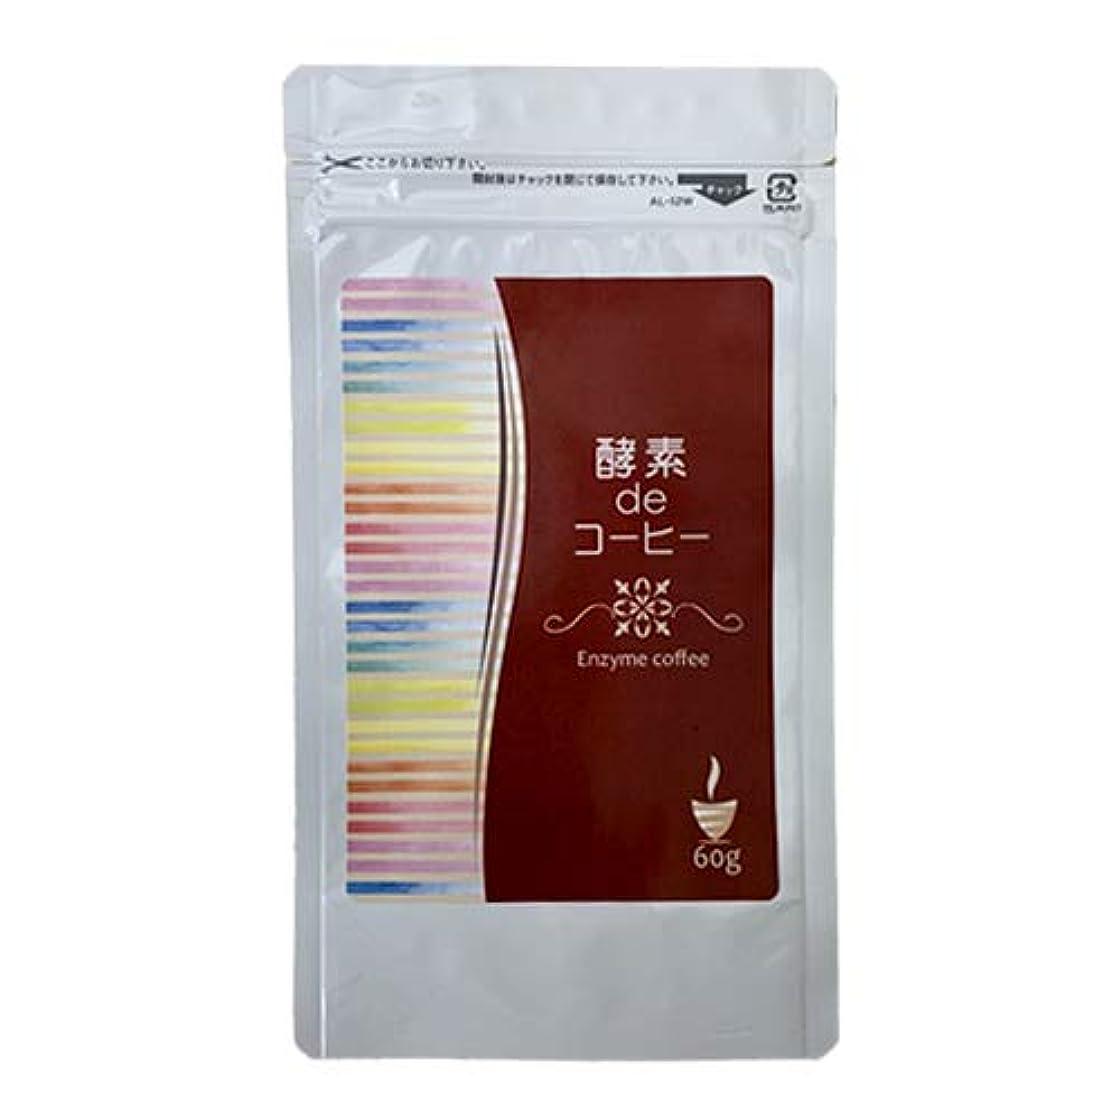 粘土何でも満足できる酵素deコーヒー